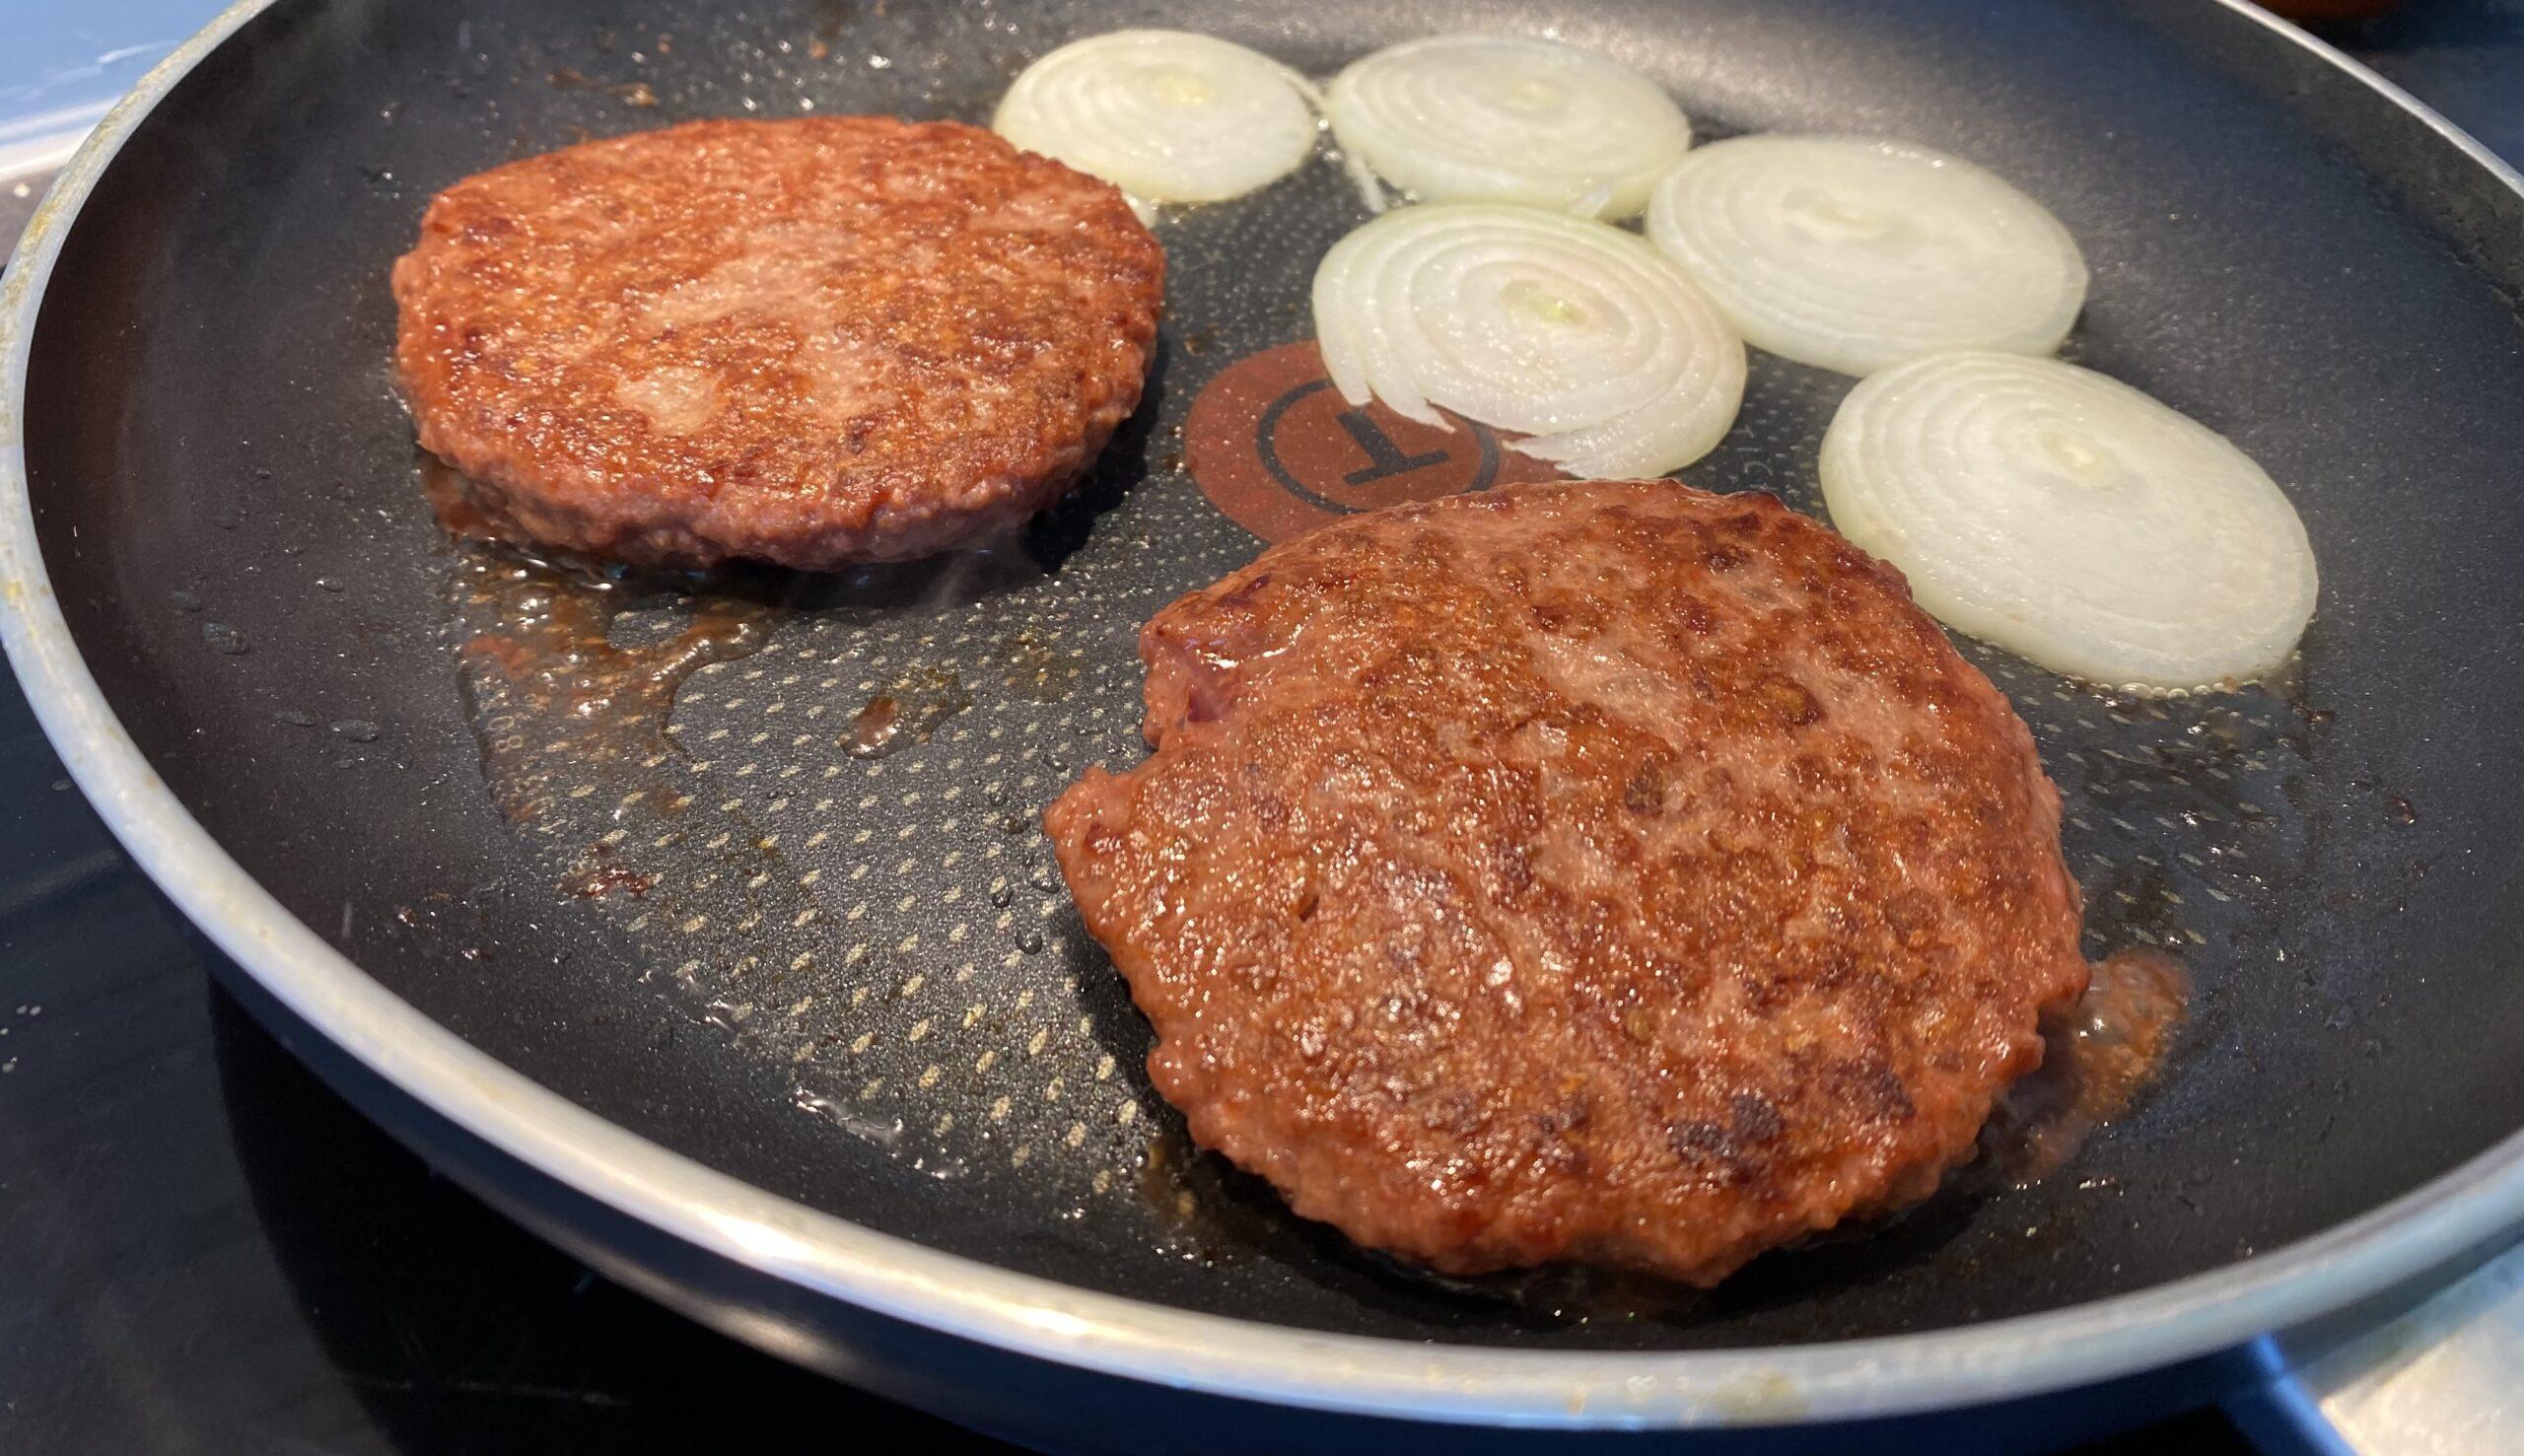 greenforce vegan burger review